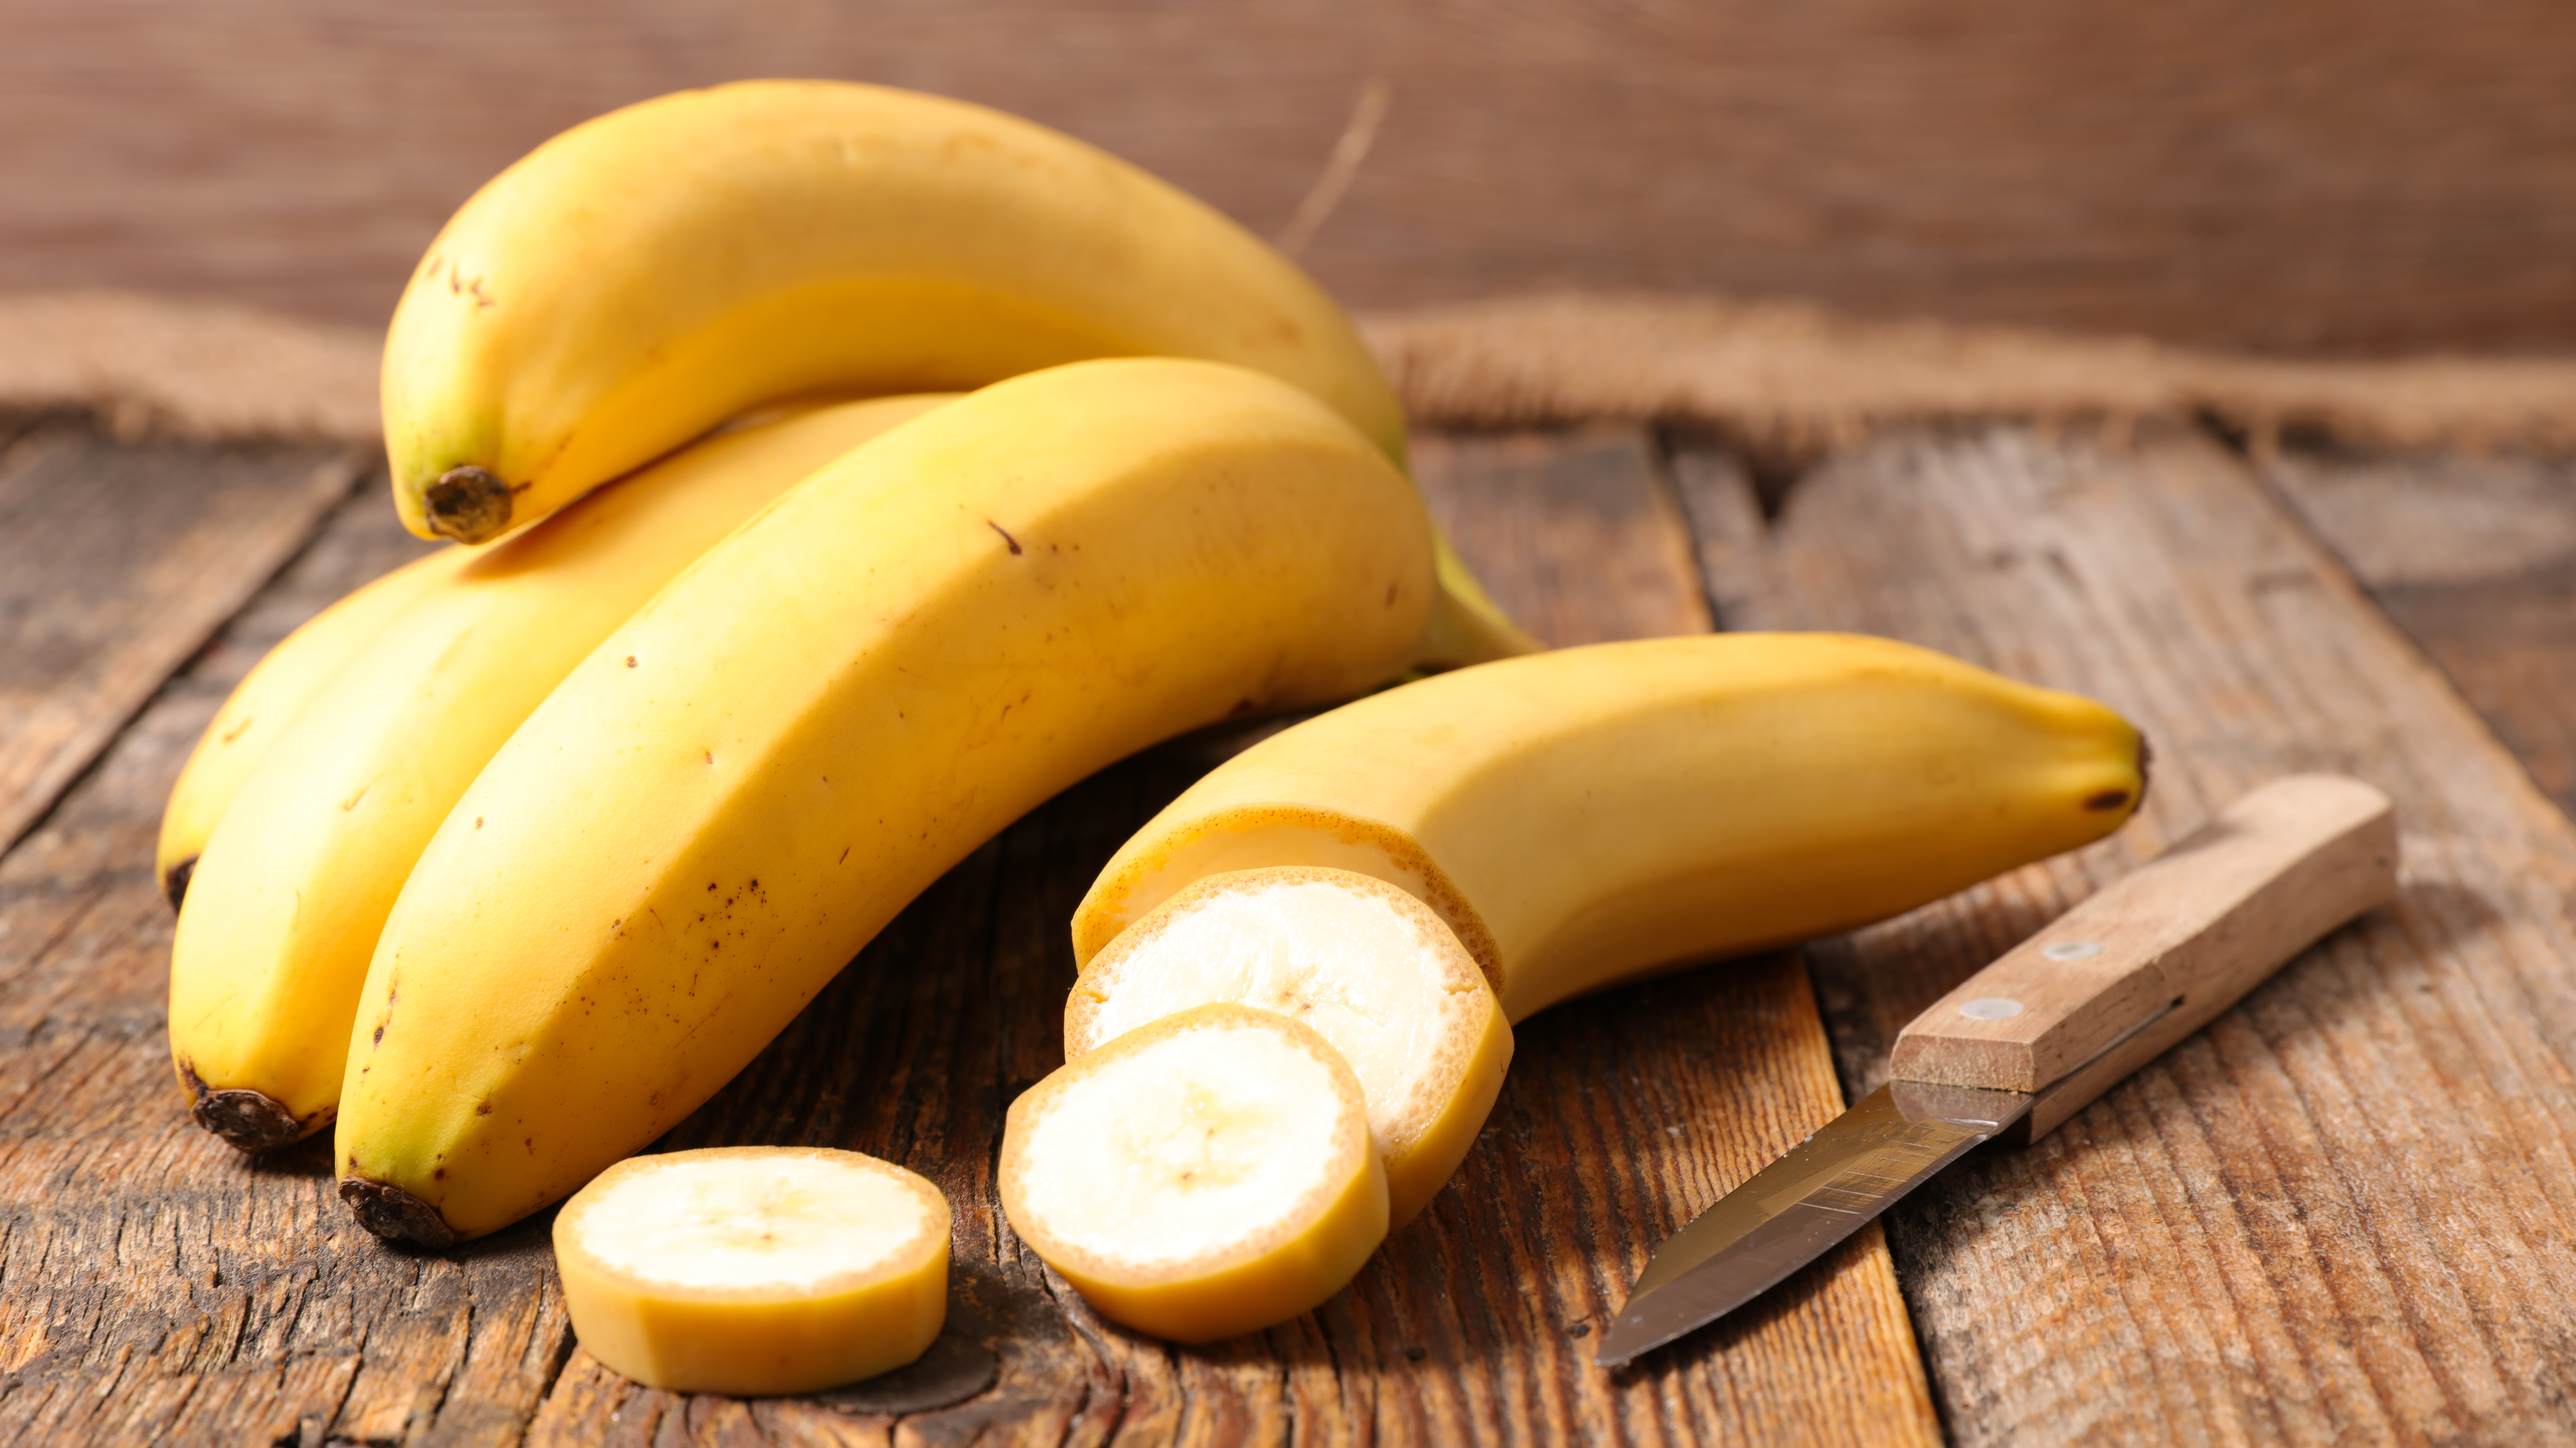 <p><strong>Бананови кори</strong><br /> Банановите кори са чудесно средство за избелване на зъбите. Затова следващия път, когато хапвате банан, запазете кората му. Достатъчно е да разтърквате с нея зъбите си за около минута-две два пъти дневно. Плодът съдържа калий, манган и магнезий, които се абсорбират в зъбния емайл и могат да ви помогнат за това да имате красива усмивка.</p>